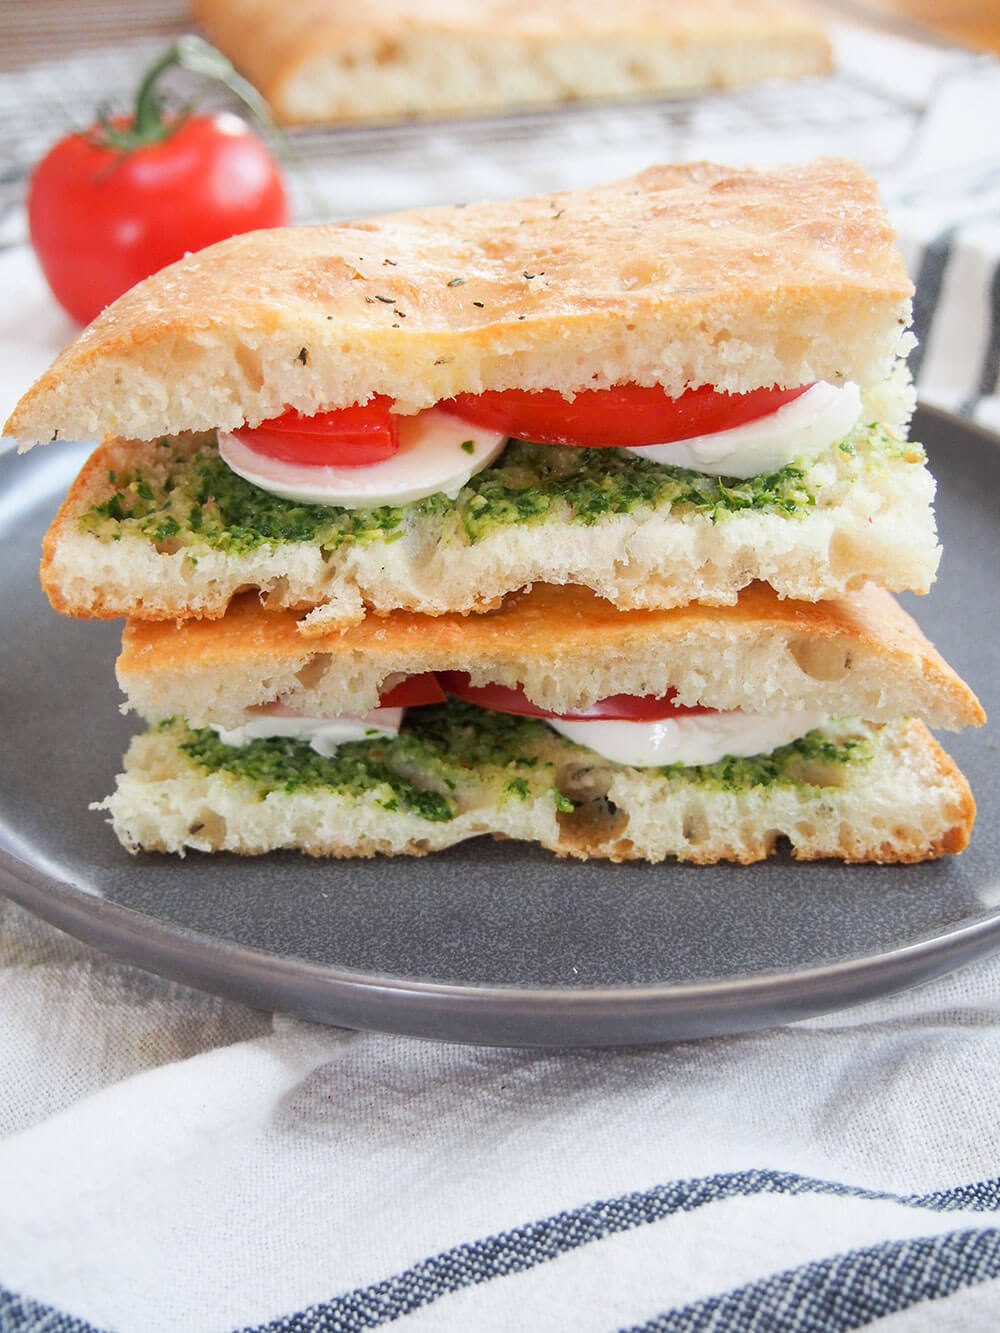 lemon thyme focaccia as sandwich